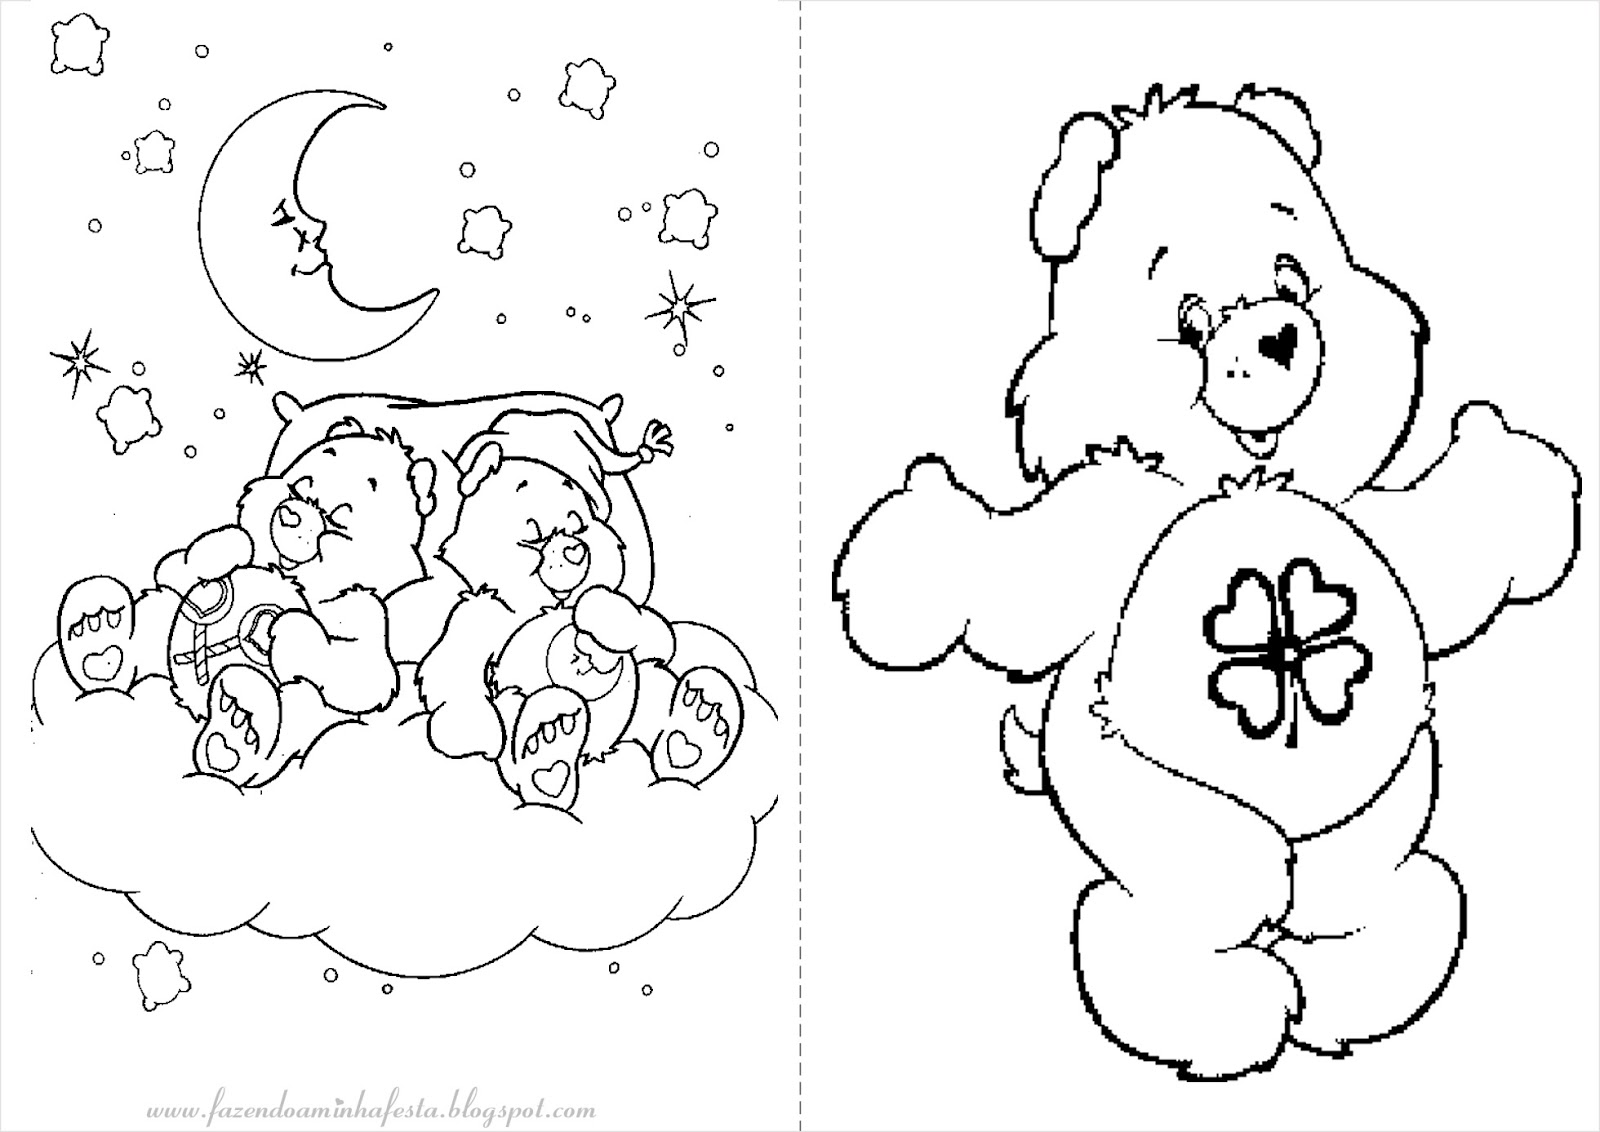 Ursinhos Carinhosos Colorir Ojogos br - imagens para colorir dos ursinhos carinhosos